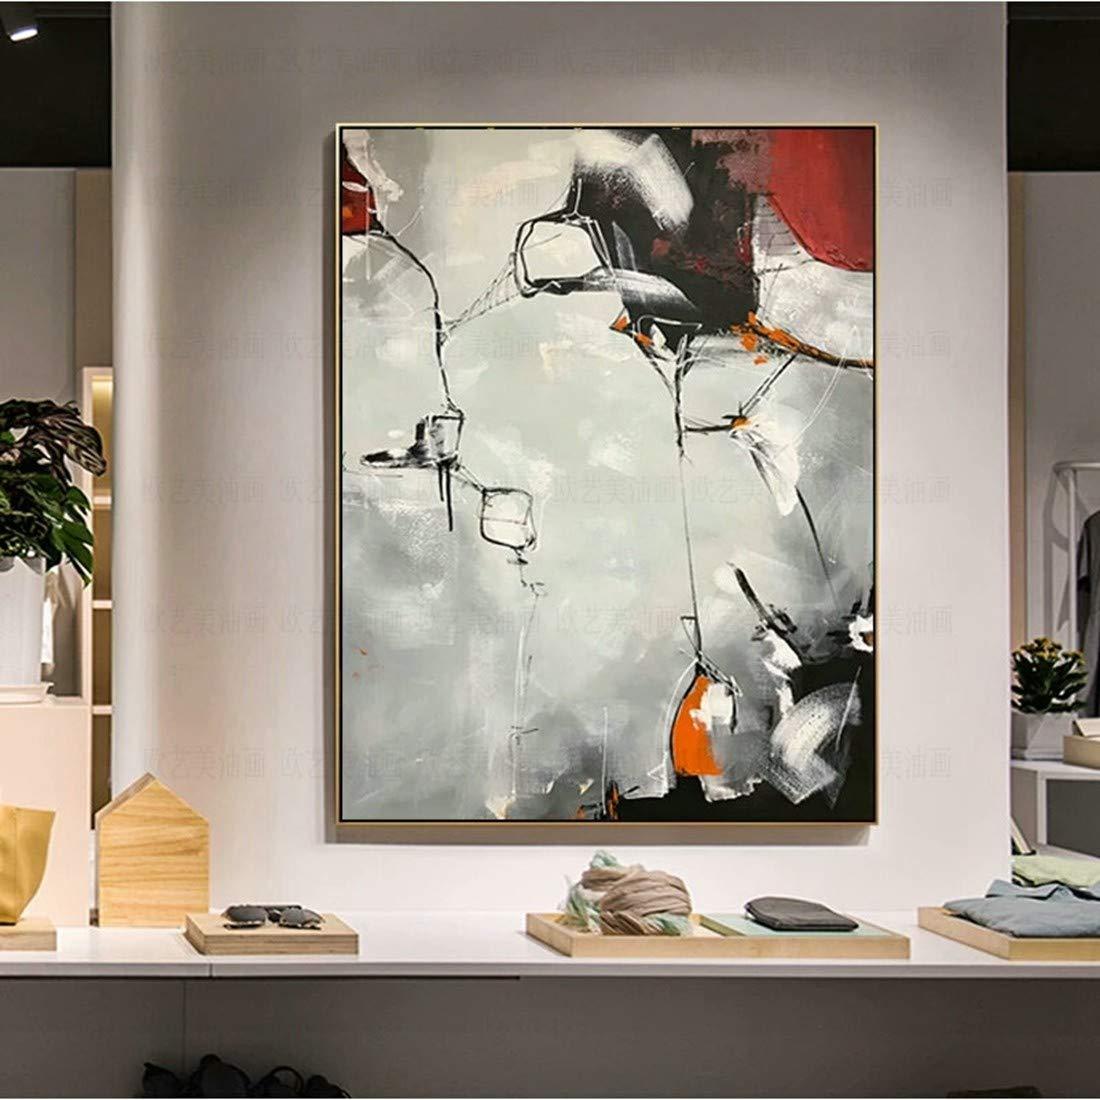 oferta especial 30×50cm FENGJIAREN 100% Pintura Al Óleo Pintada Pintada Pintada A Mano Pura Gran Tamaño De Encargo Abstracto gris Pintura Al Óleo Modelo Decoración De La Habitación Pintura Sala De Estar Mural Pintura De La Parojo del  nueva marca